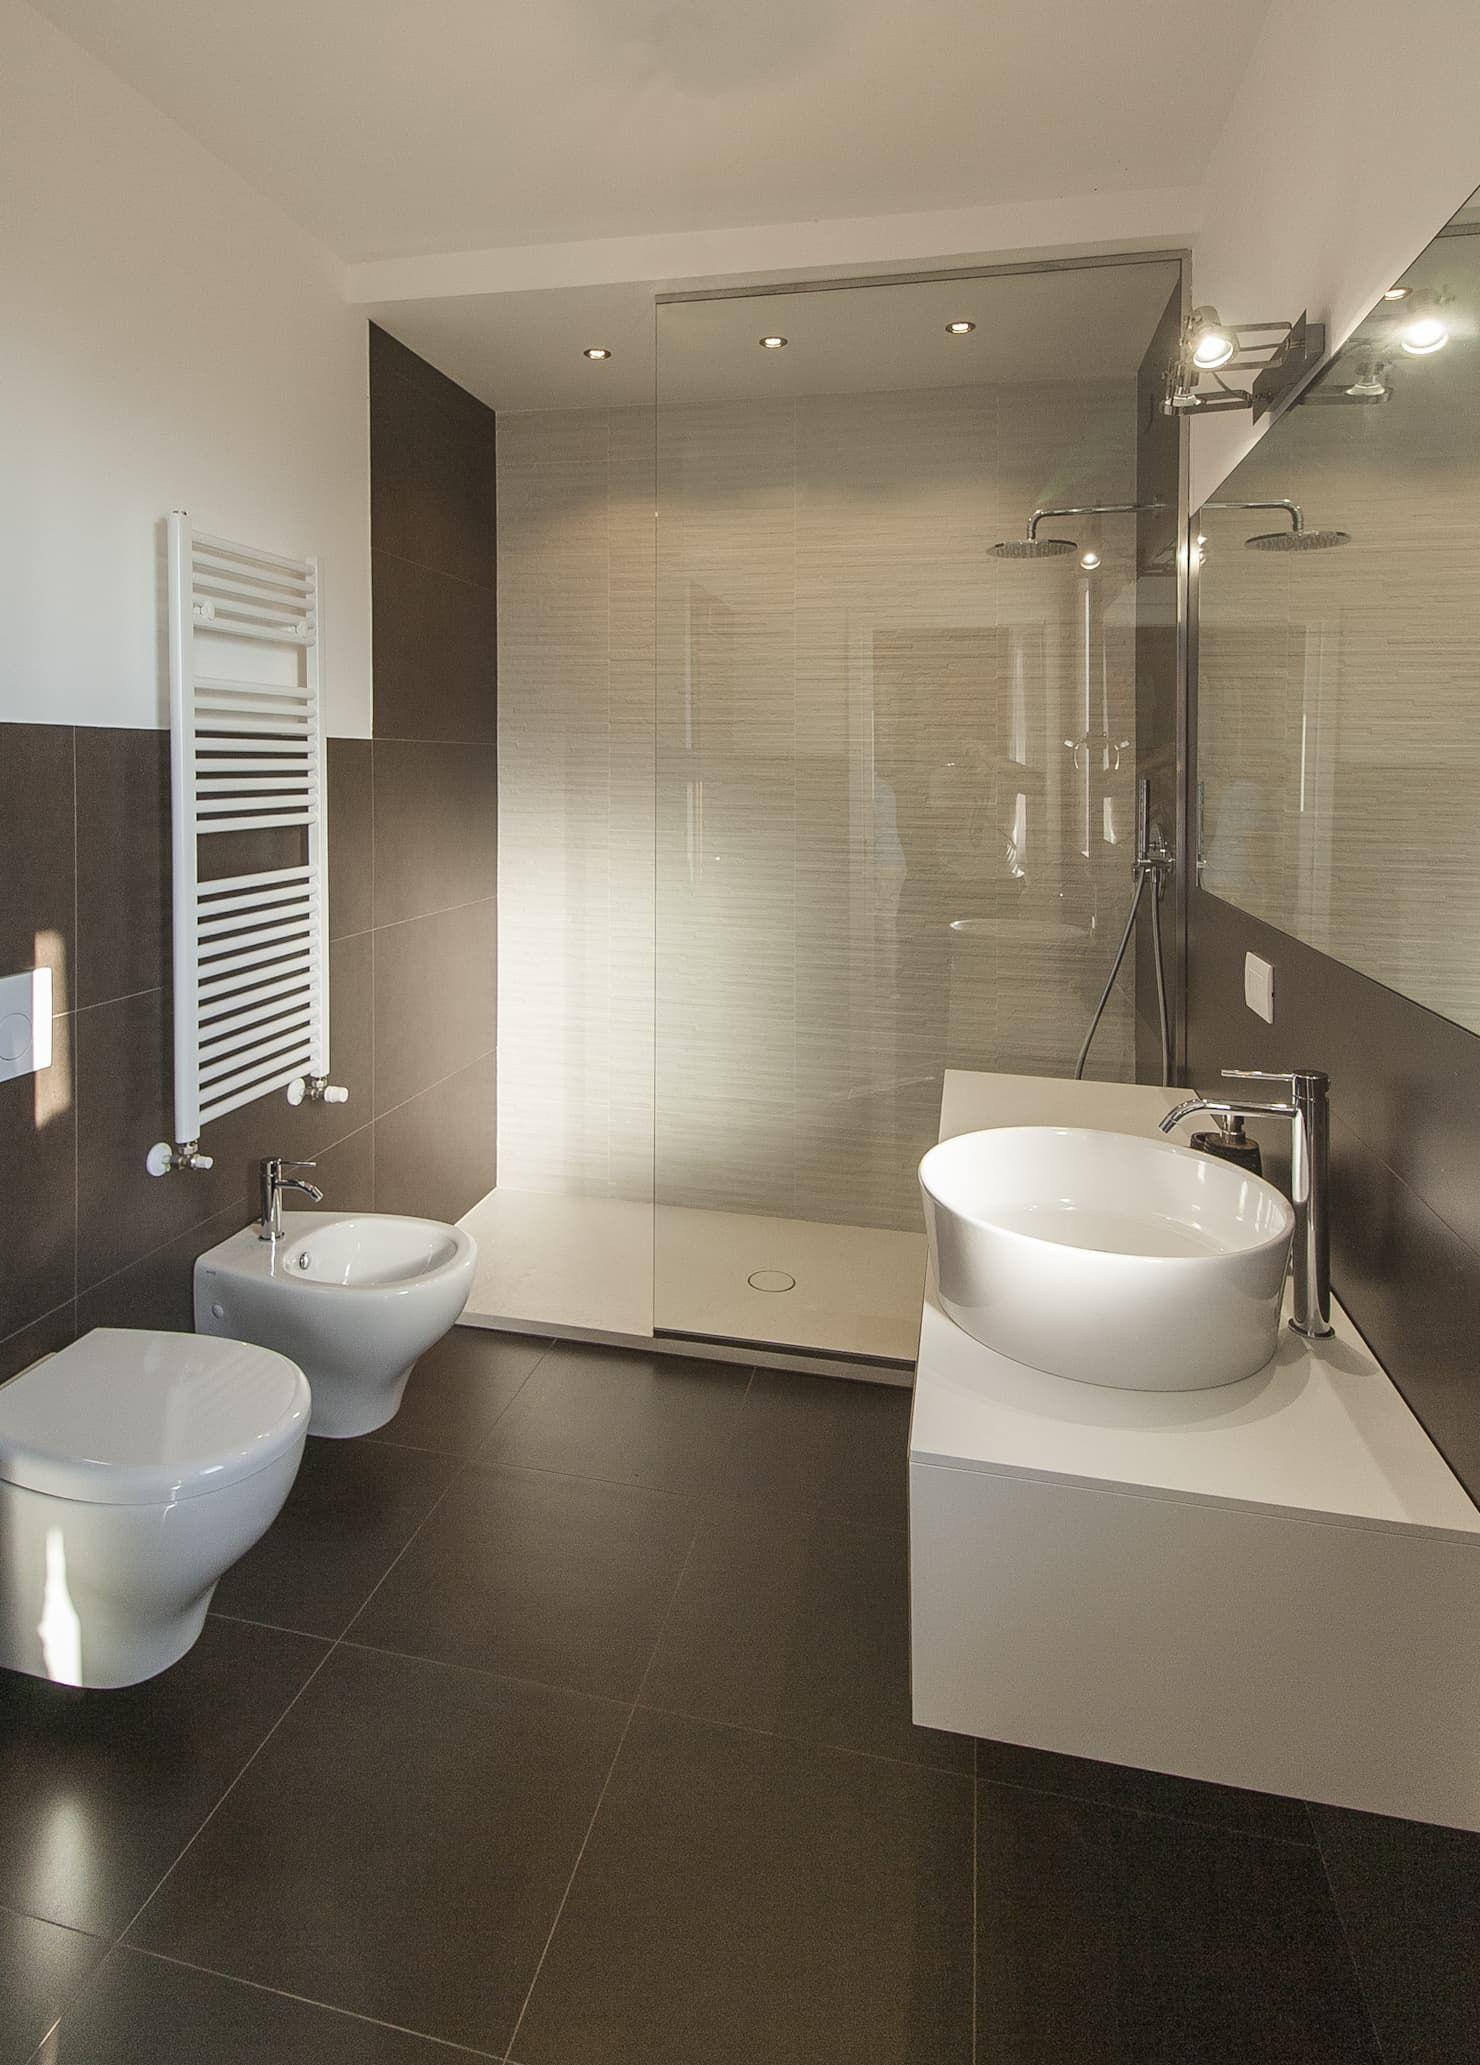 Residenza A C Misano Adriatico Architettura Interior Design Officina Archetipo Bagno Moderno Homify Bagno Interno Bagno Minimalista Arredamento Bagno